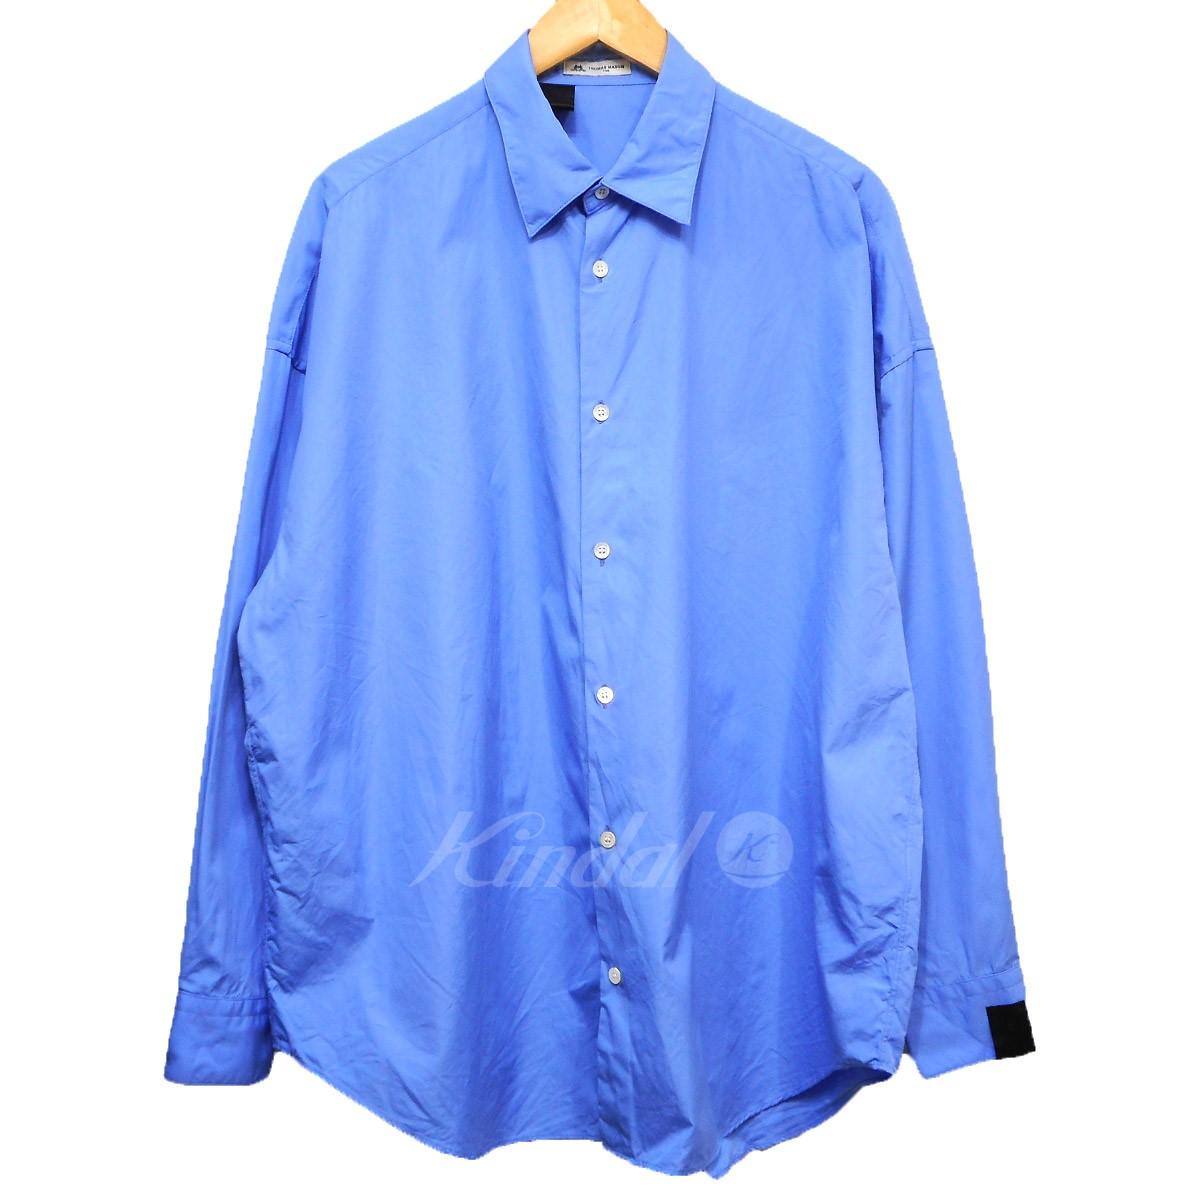 【中古】N.HOOLYWOOD×THOMAS MAISON 19SS オーバーシルエットシャツ ブルー サイズ:36 【140519】(エヌハリウッド)